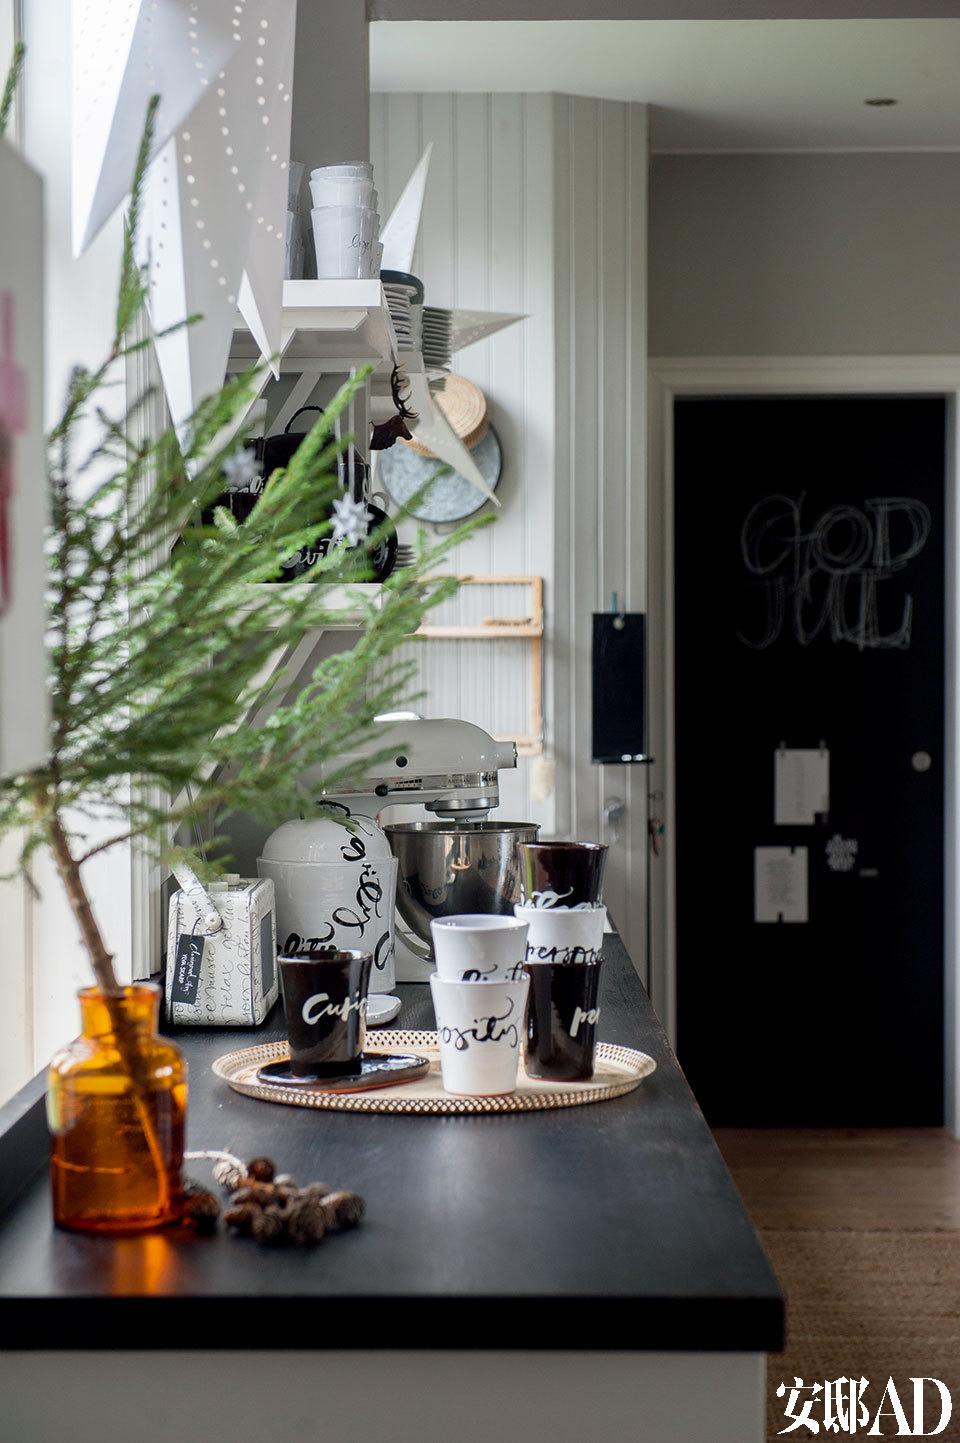 厨房里瓶罐中装的大树枝是降临节最受青睐的装饰物,而Ylva的各种陶器、杯具也恰到好处地为这个乡间厨房增光添彩。